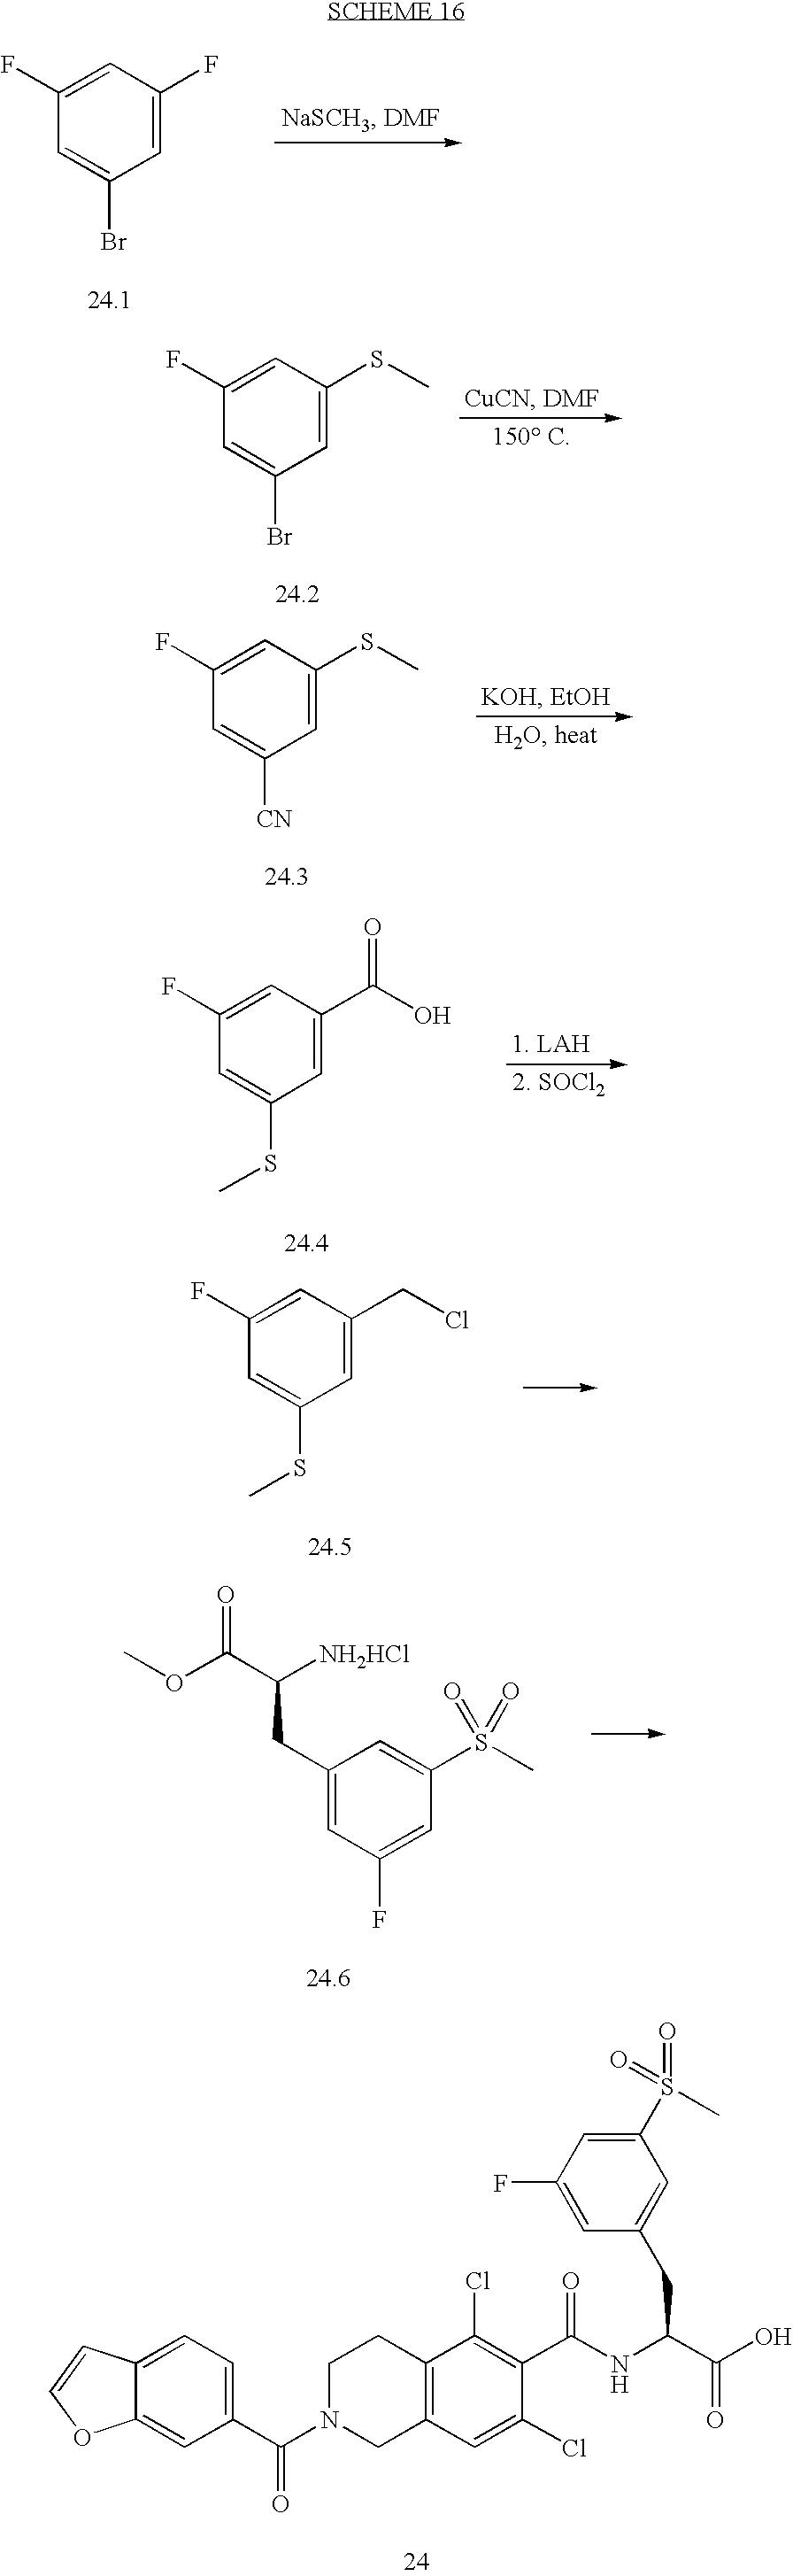 Figure US07790743-20100907-C00139